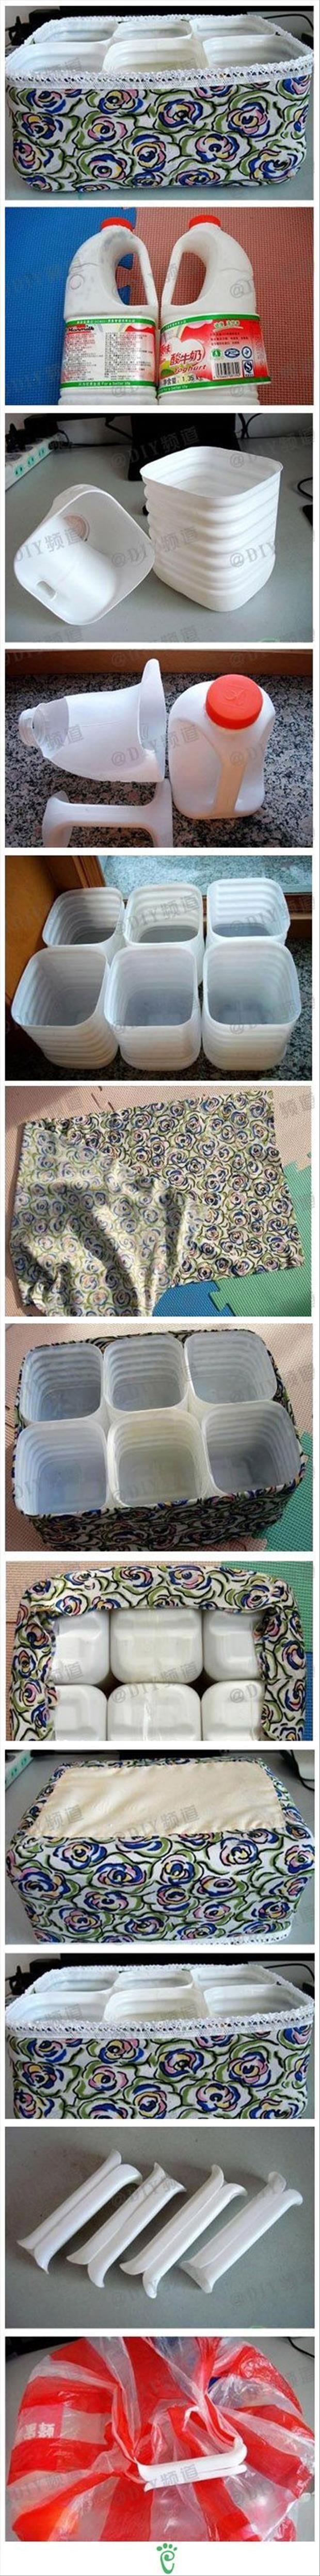 Fun DIY Craft Ideas   http://www.pinterest.com/dumpaday/crafty-pictures/   http://www.pinterest.com/dumpaday/: